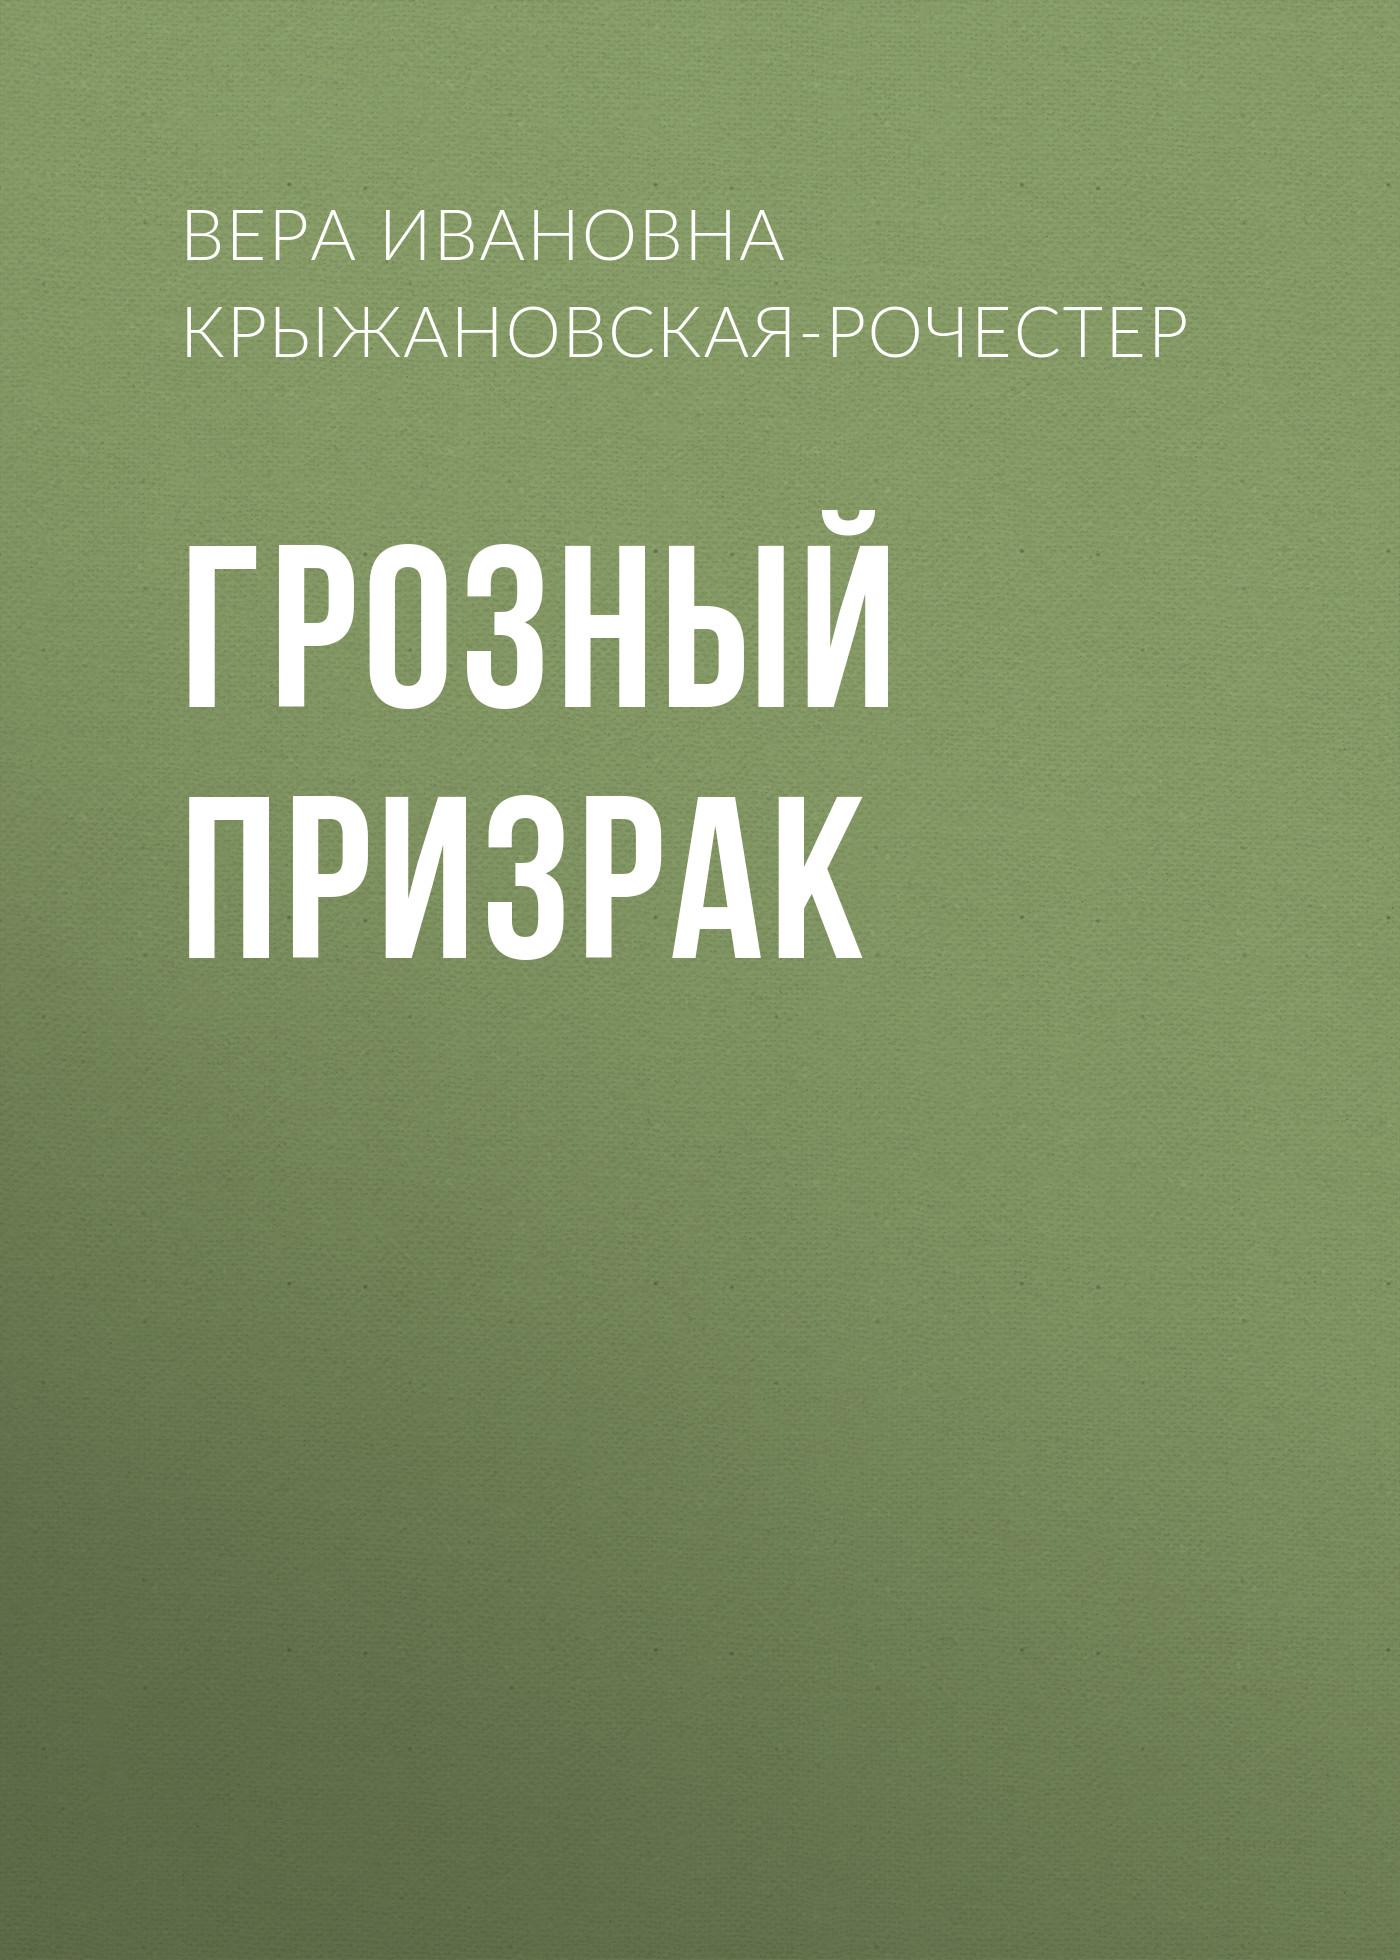 Купить книгу Грозный призрак, автора Веры Ивановны Крыжановской-Рочестер